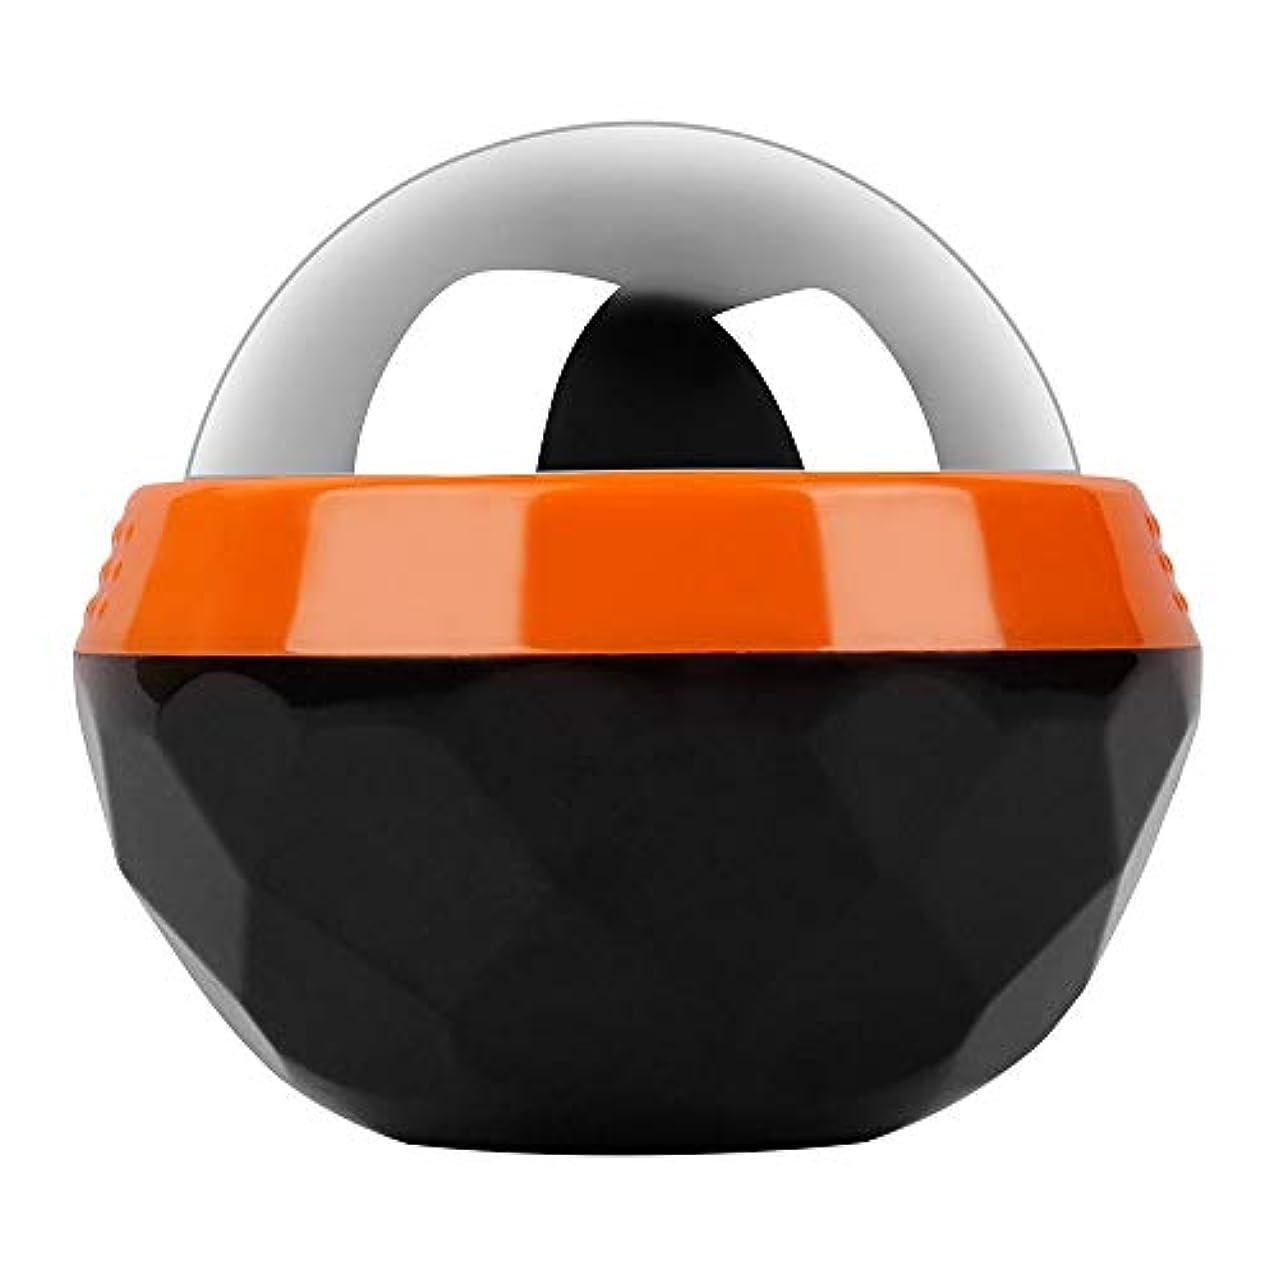 貞エネルギー柔らかさGeTooコールドマッサージローラーボール-2.4インチの氷球は6時間冷たさを持続、アイスセラピーディープティッシュマッサージ、オレンジとブラック